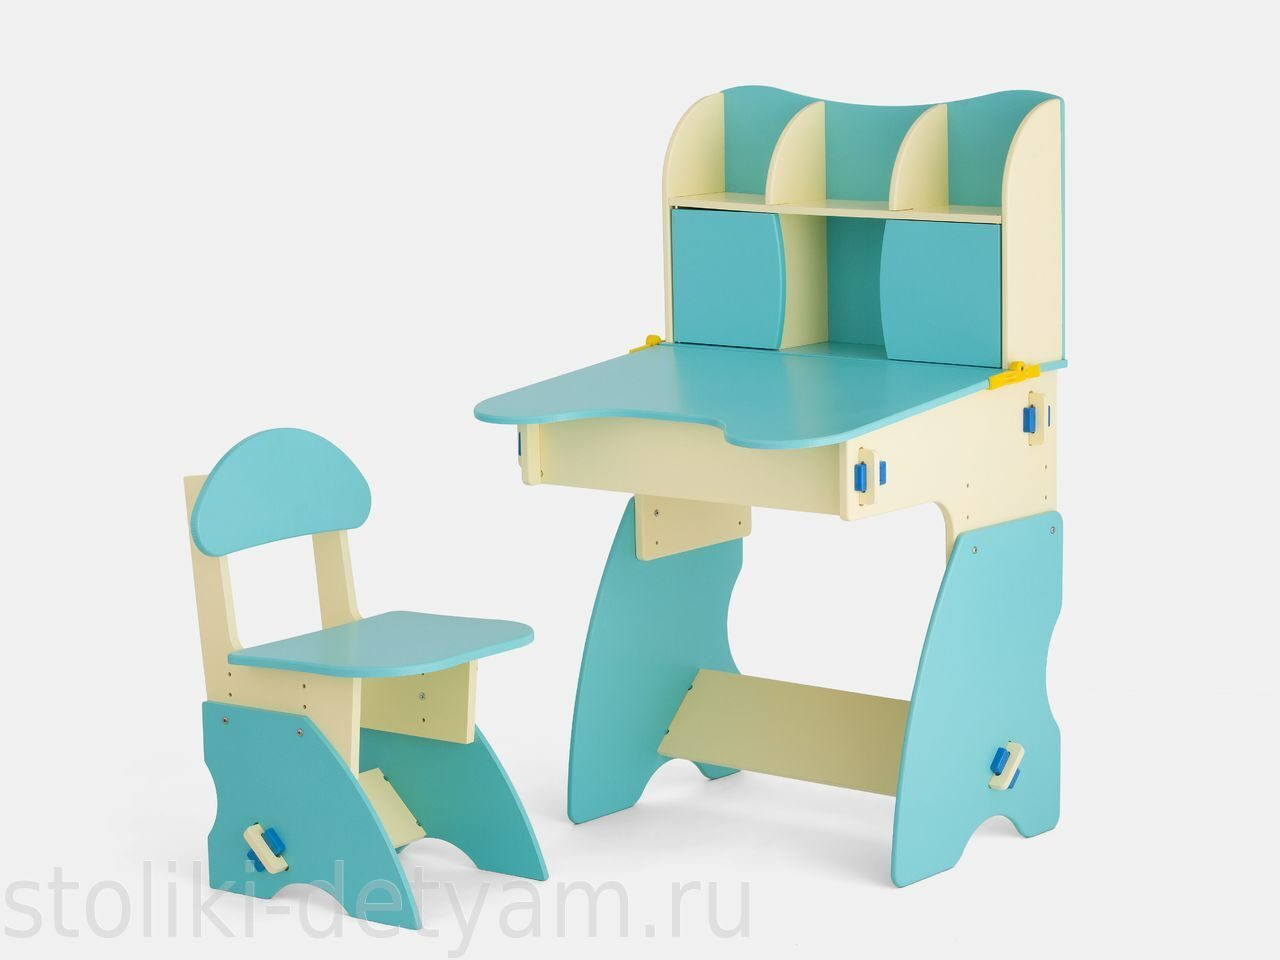 Детский столик с дверцами, бежево-бирюзовый ББ-3 Столики Детям